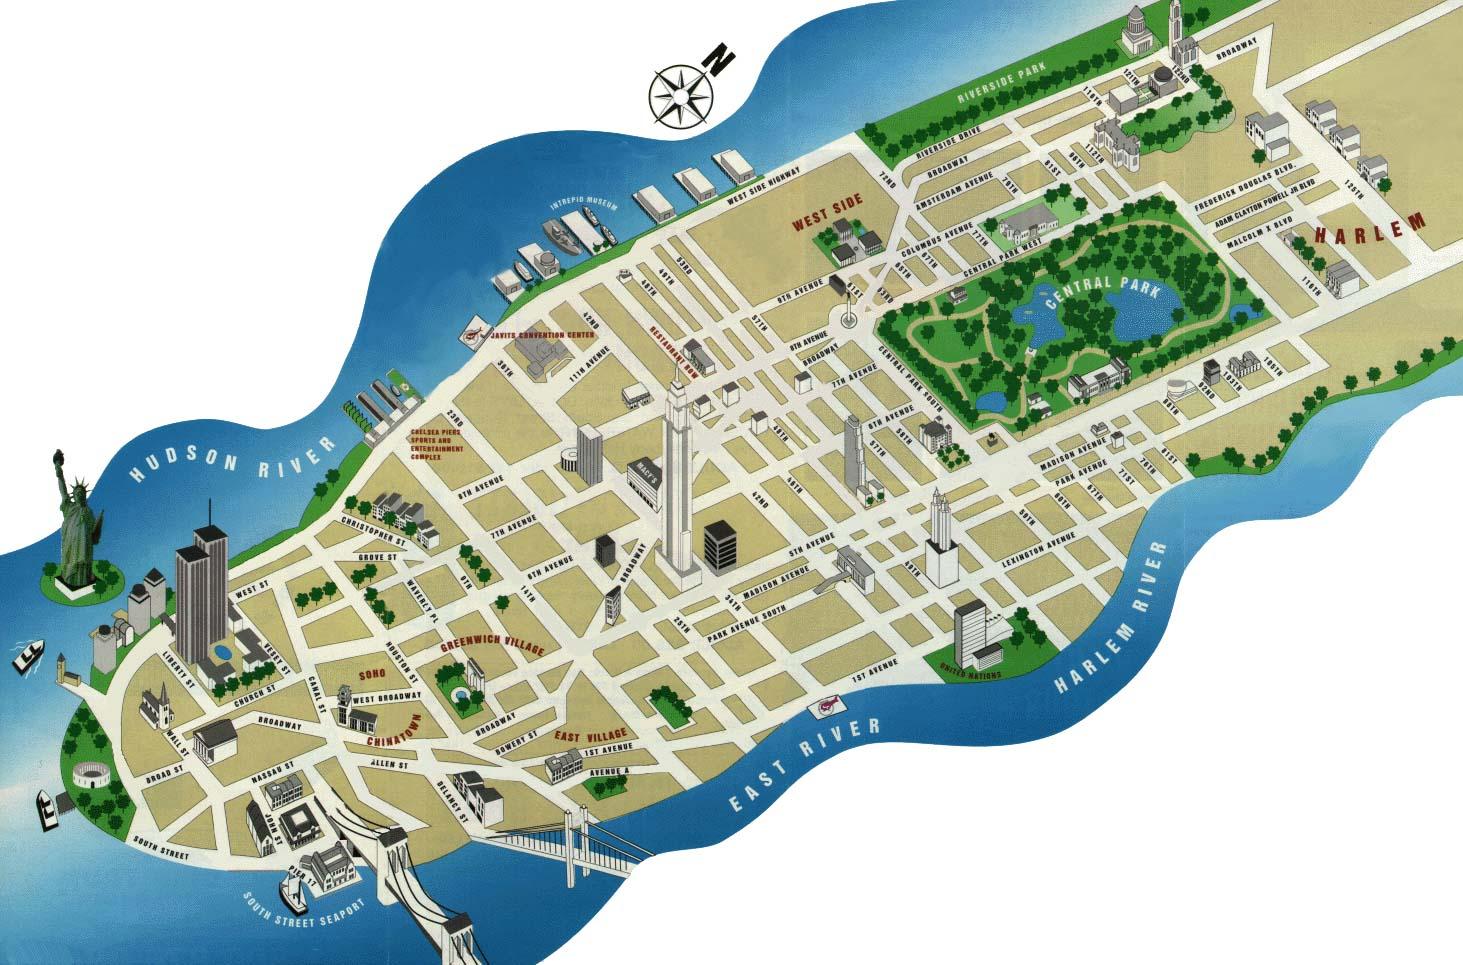 NYC Tourist Maps Printable New York City Map NYC Tourist